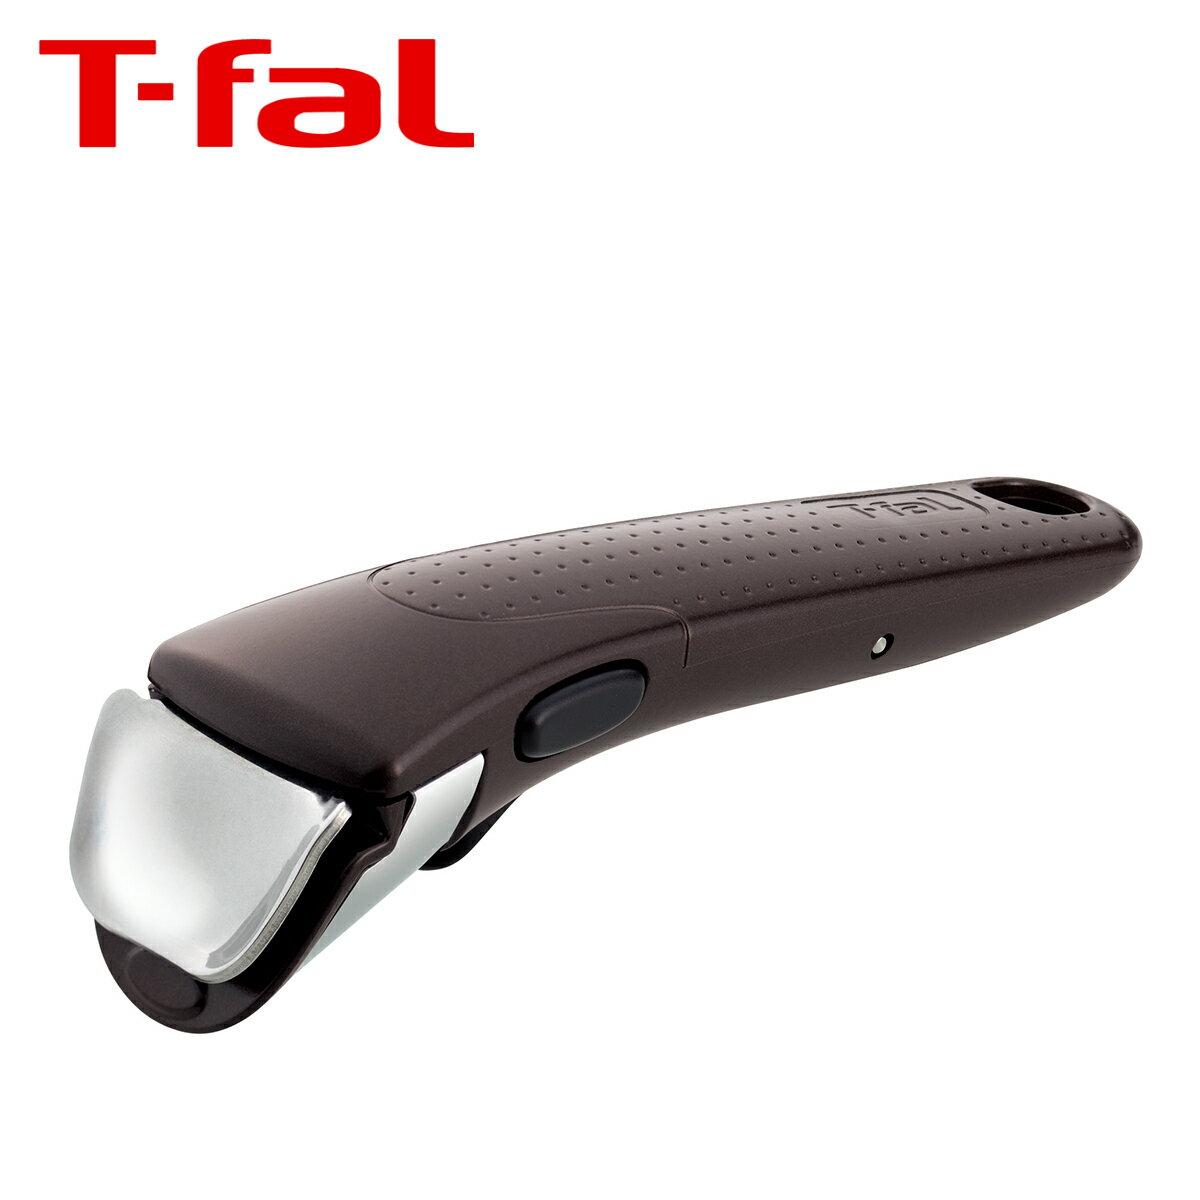 【4時間5%OFFクーポン】T-fal(ティファール)インジニオ・ネオシリーズ専用取っ手 モカ N L99345